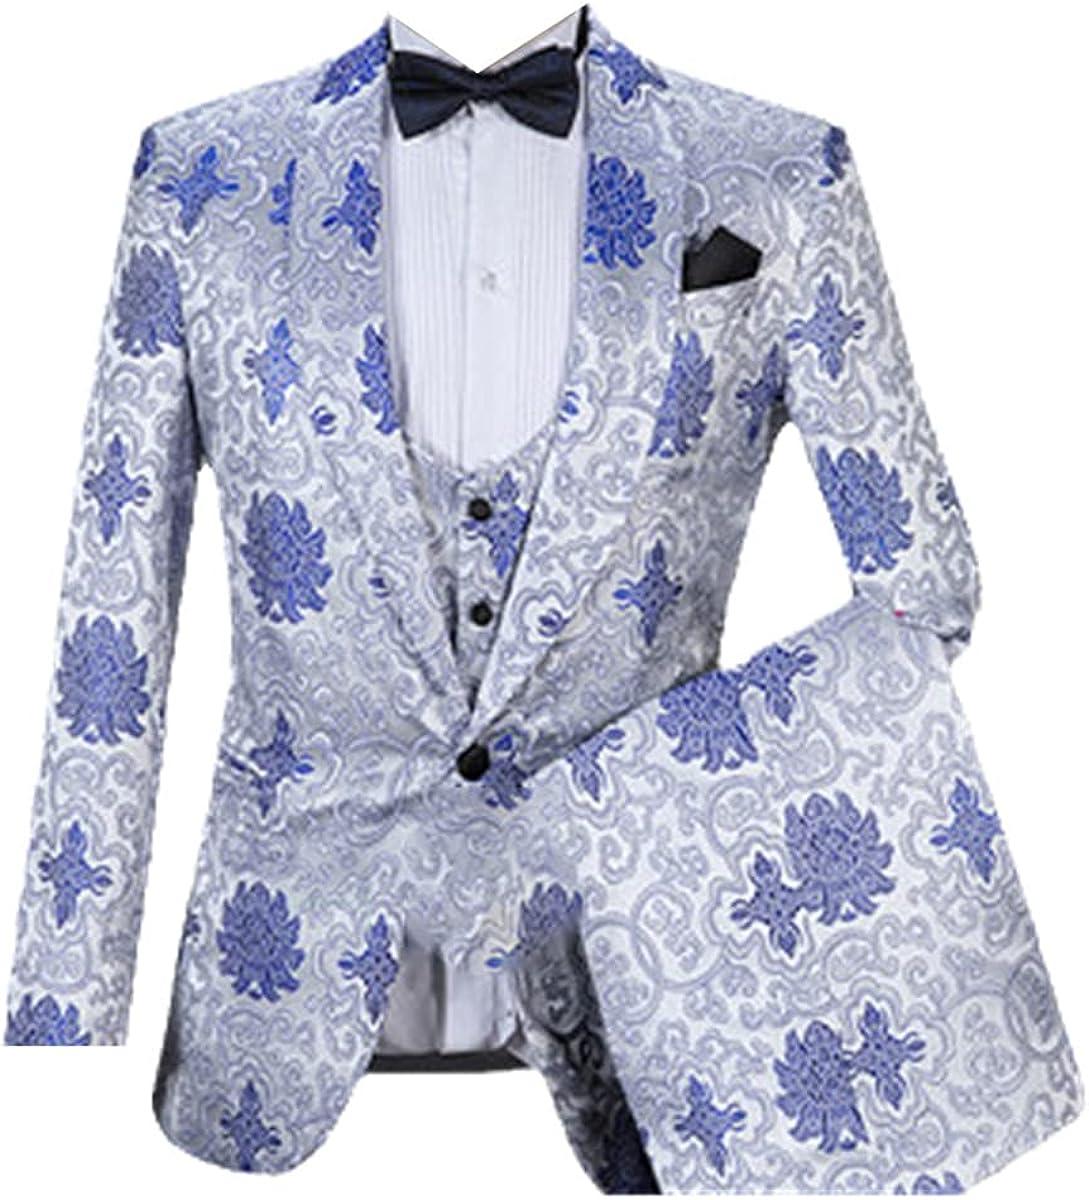 CACLSL Fashionable Men's Suit 3 Pieces Slim Fit Suit Wedding Groom Tuxedo Prom Party Jacket + Pants + Vest